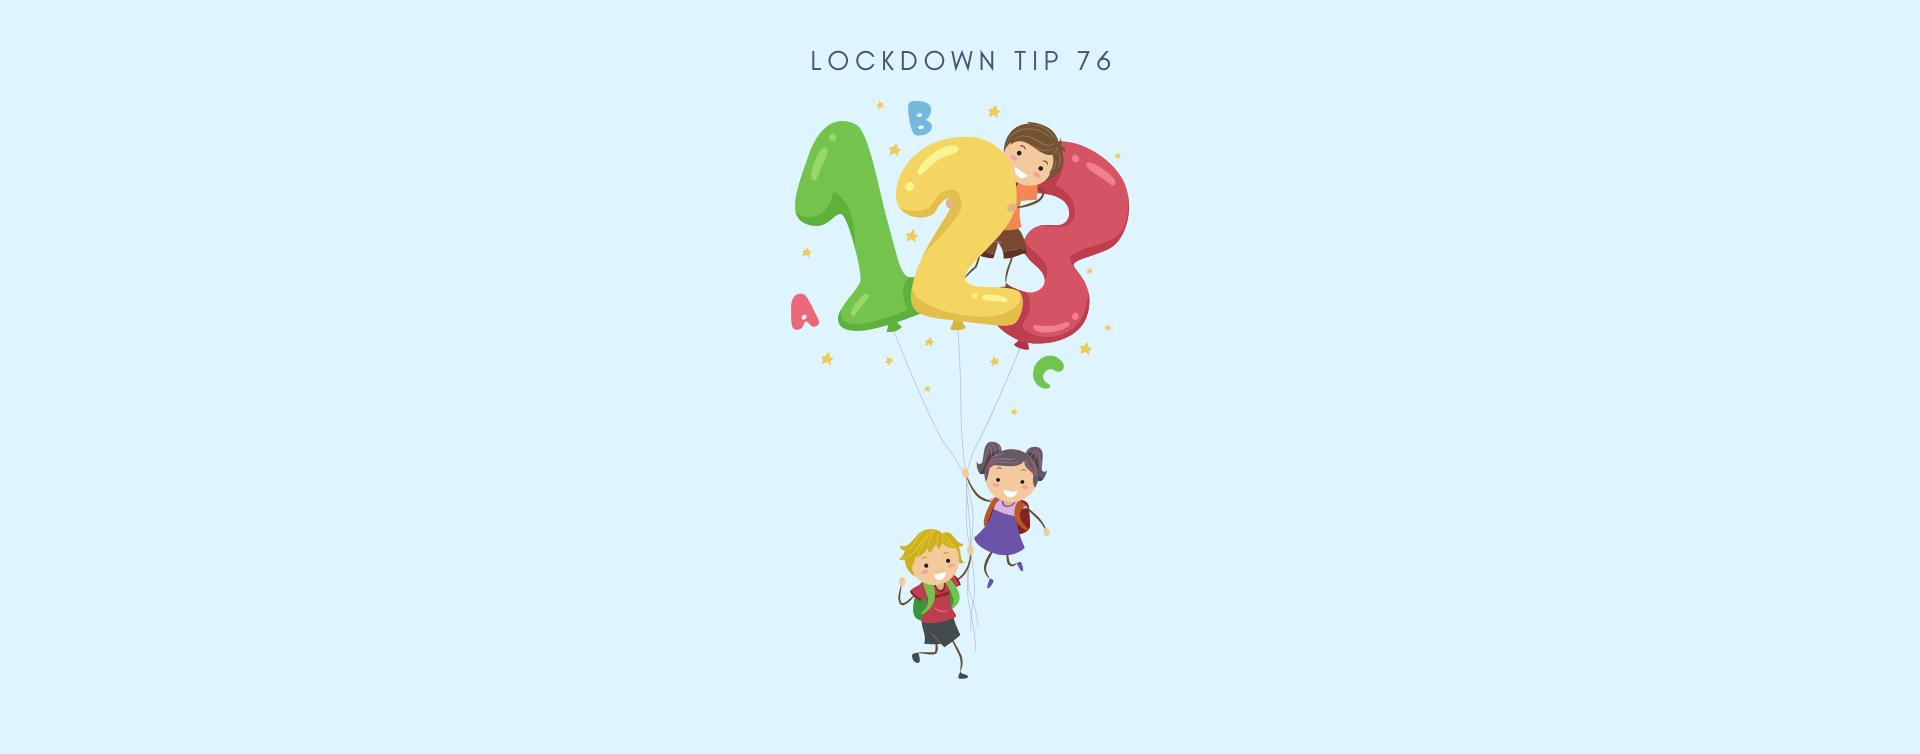 MCSA Lockdown Tip 76